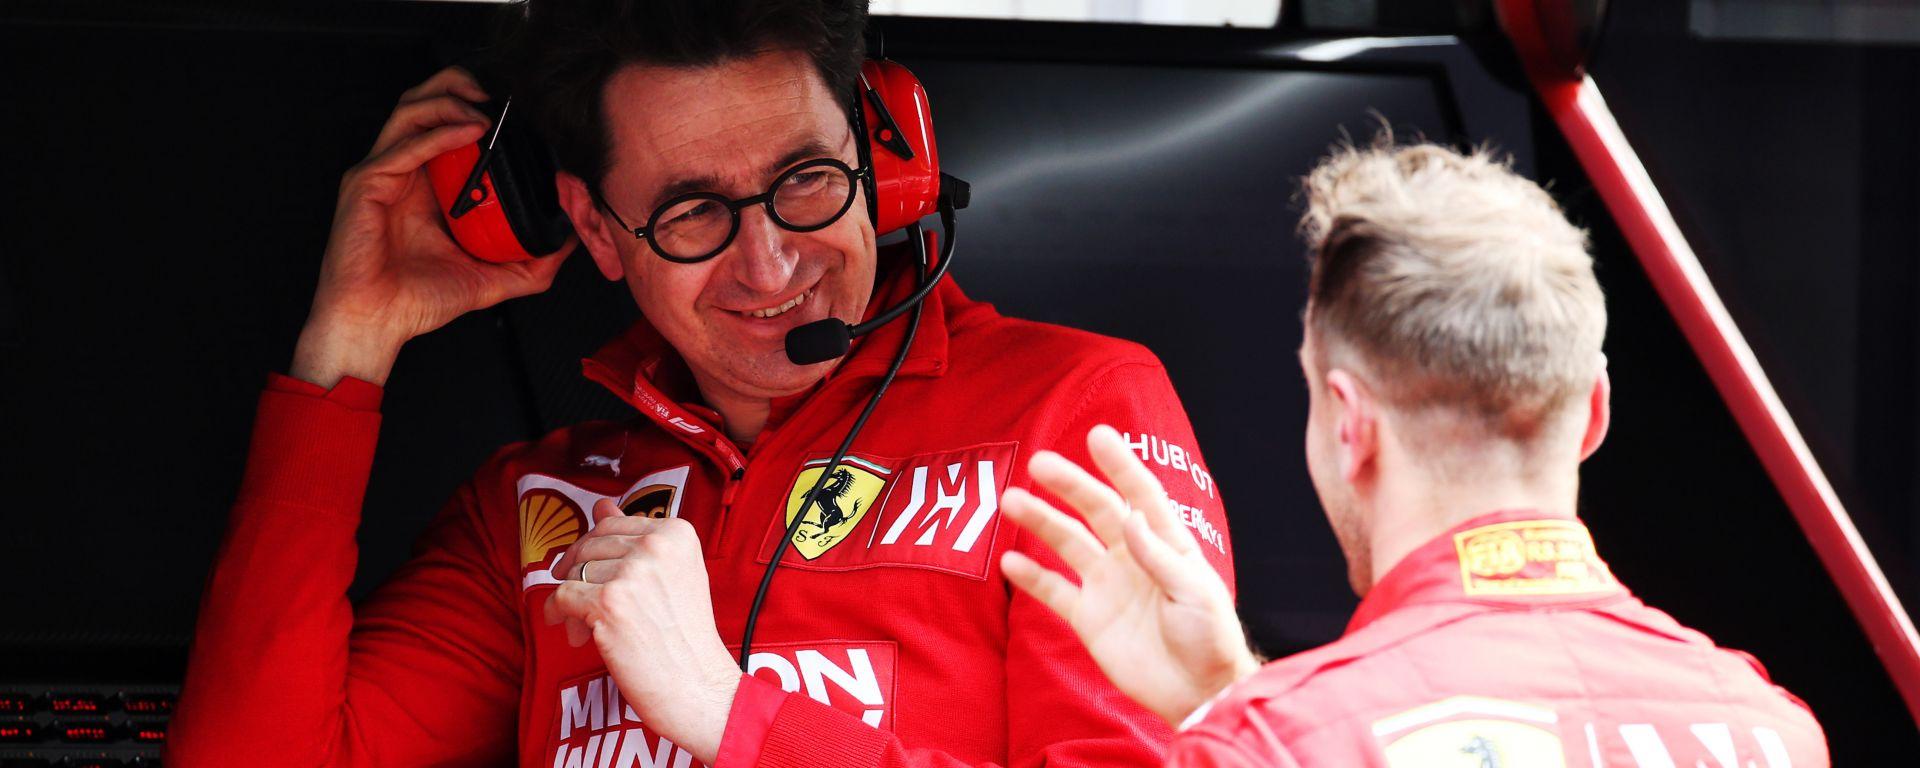 F1: Mattia Binotto e Sebastian Vettel (Ferrari)